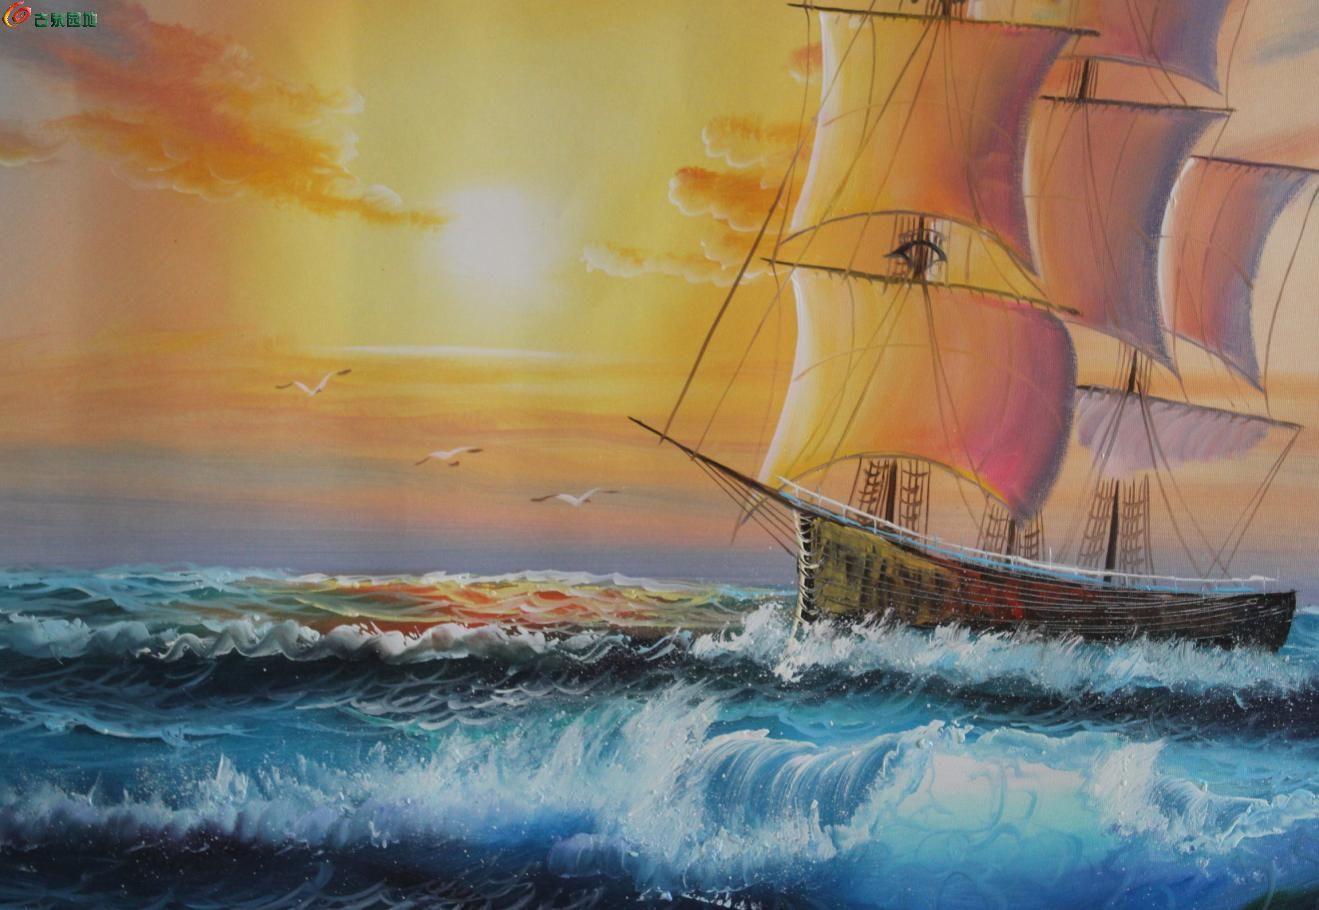 【【【-】纯手绘签名油画-----一帆风顺【【【-】】图片